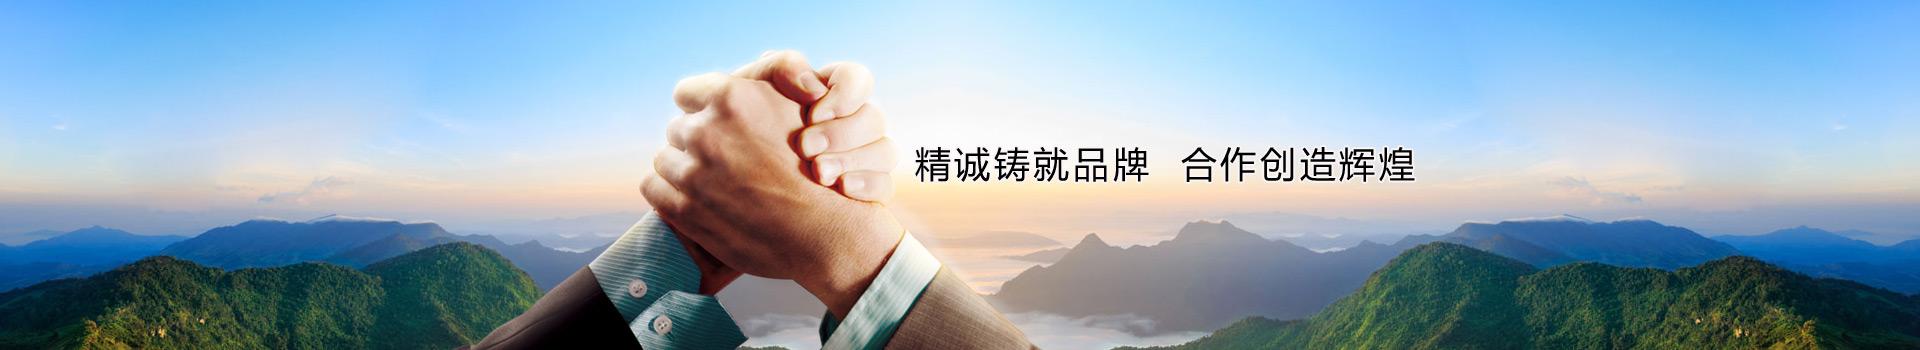 河南蓝泽万博matext客户端制品有限公司